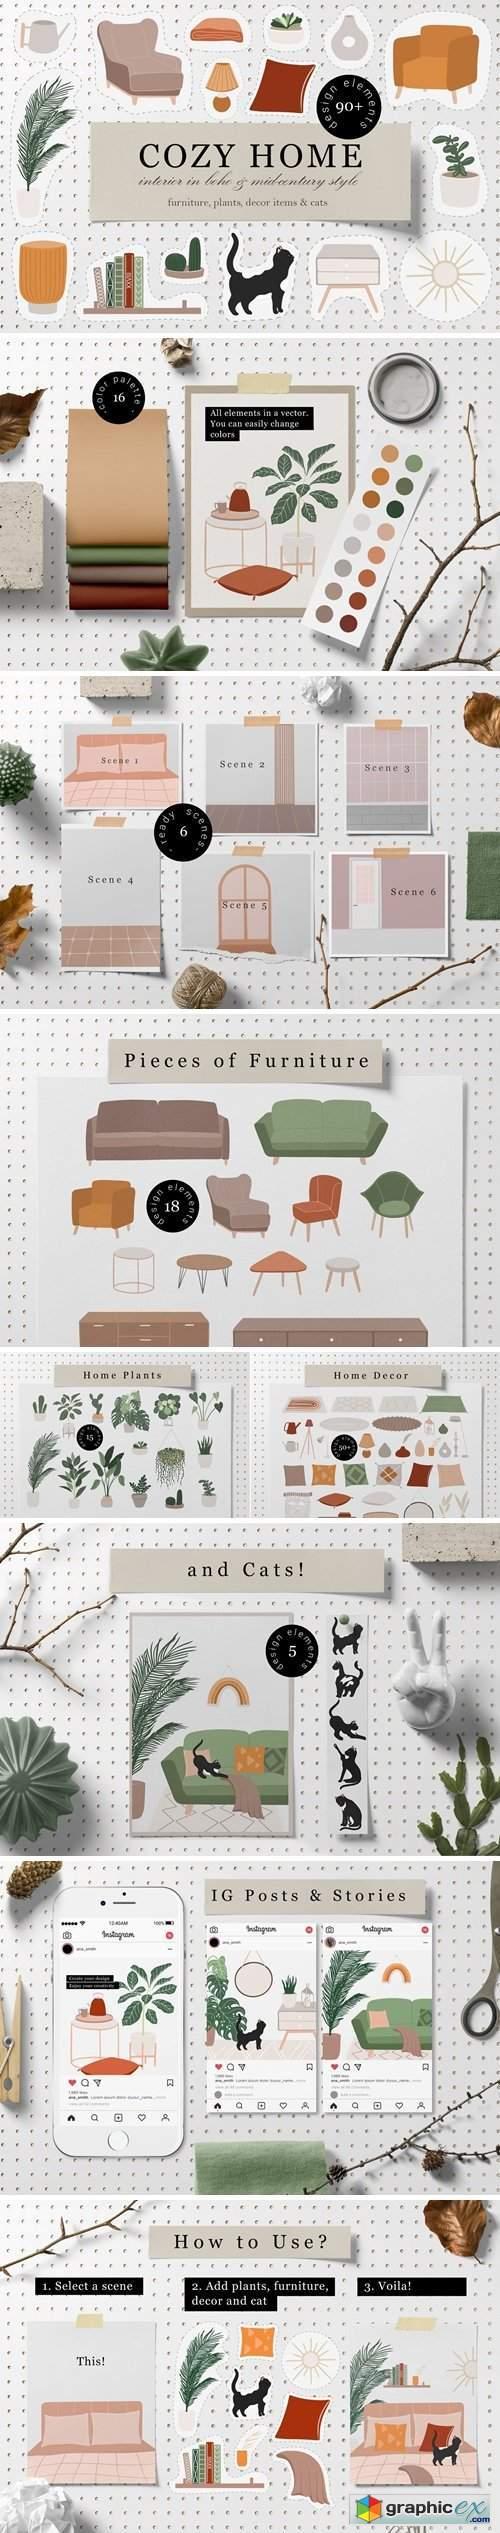 Cozy Home Decor Collection